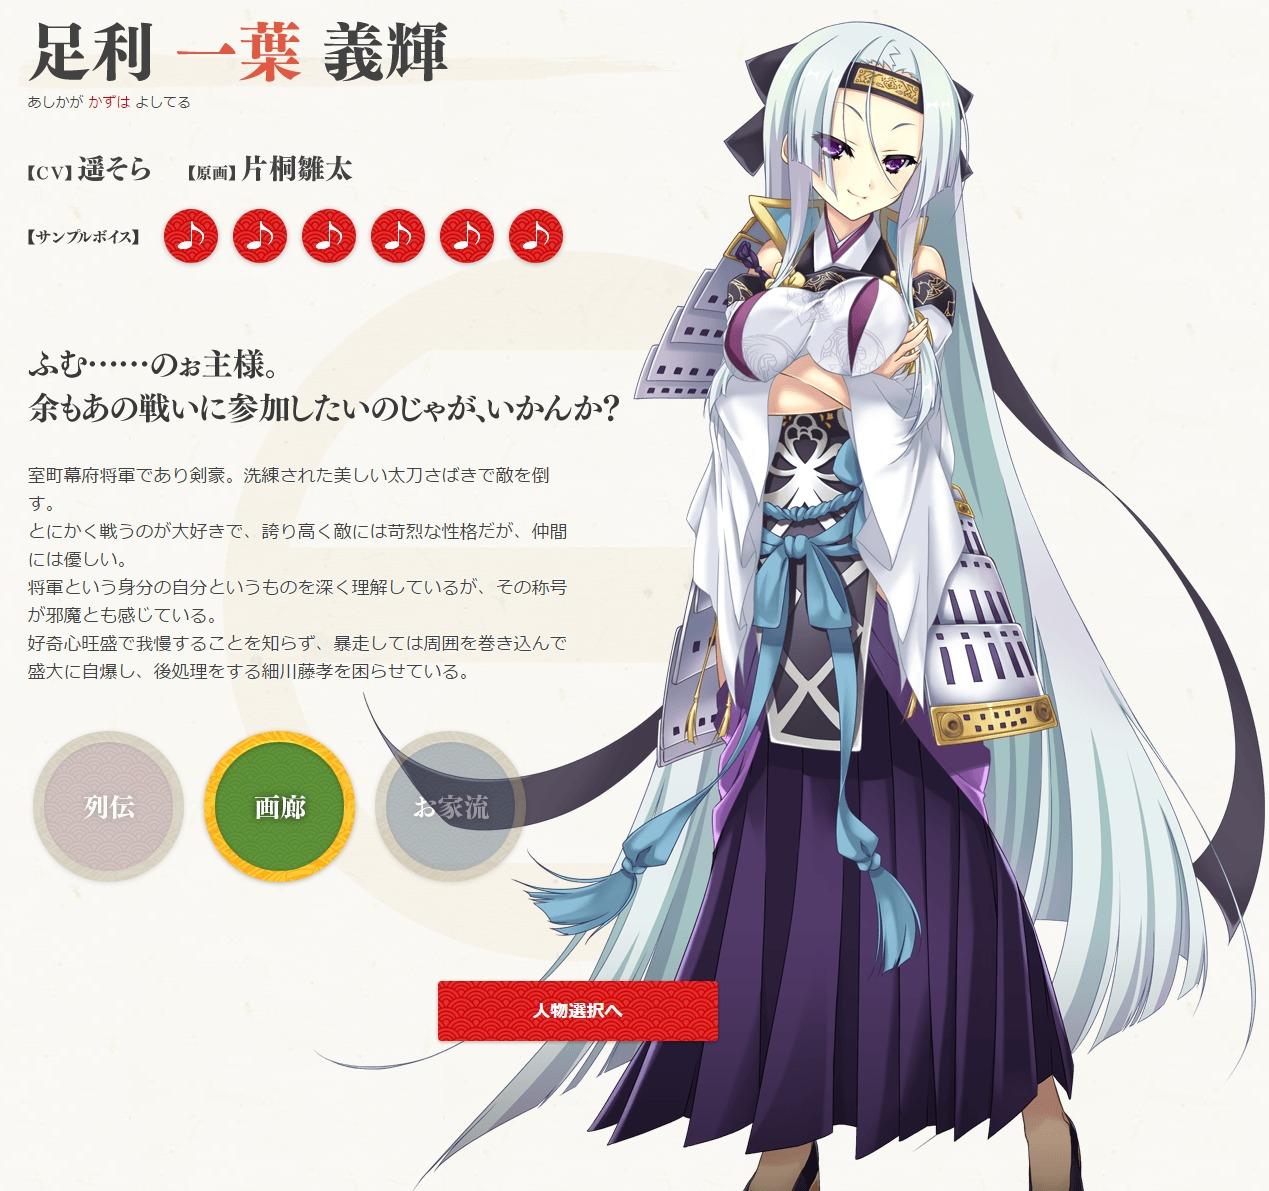 戦国†恋姫X オフィシャルサイト 登場人物 足利一葉義輝